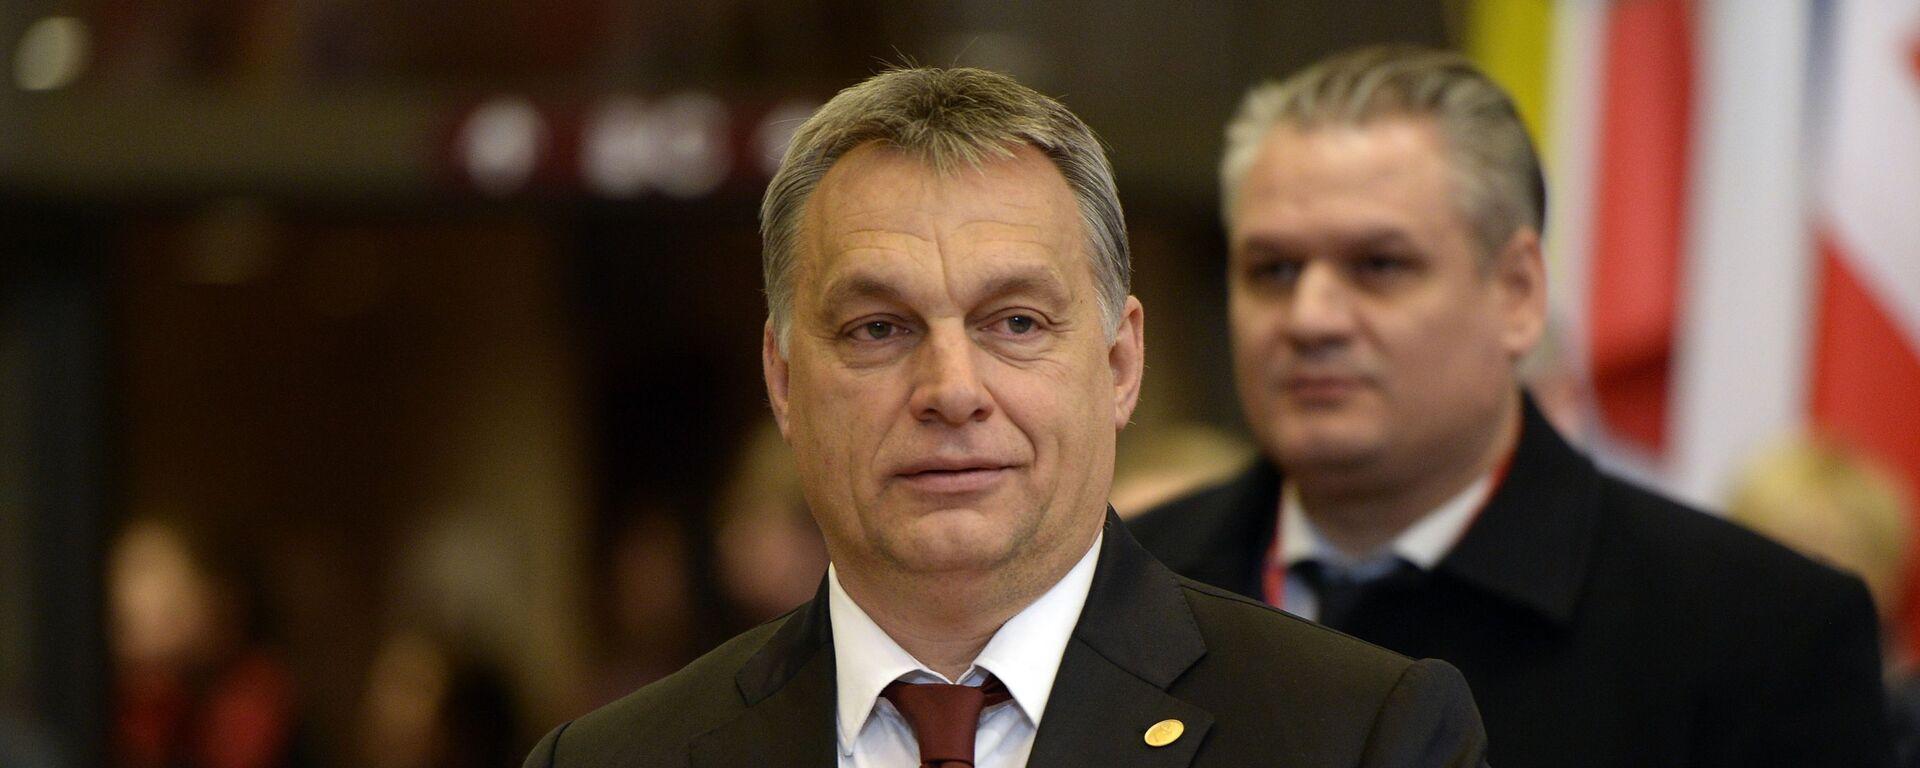 Maďarský premiér Viktor Orbán - Sputnik Česká republika, 1920, 21.07.2021